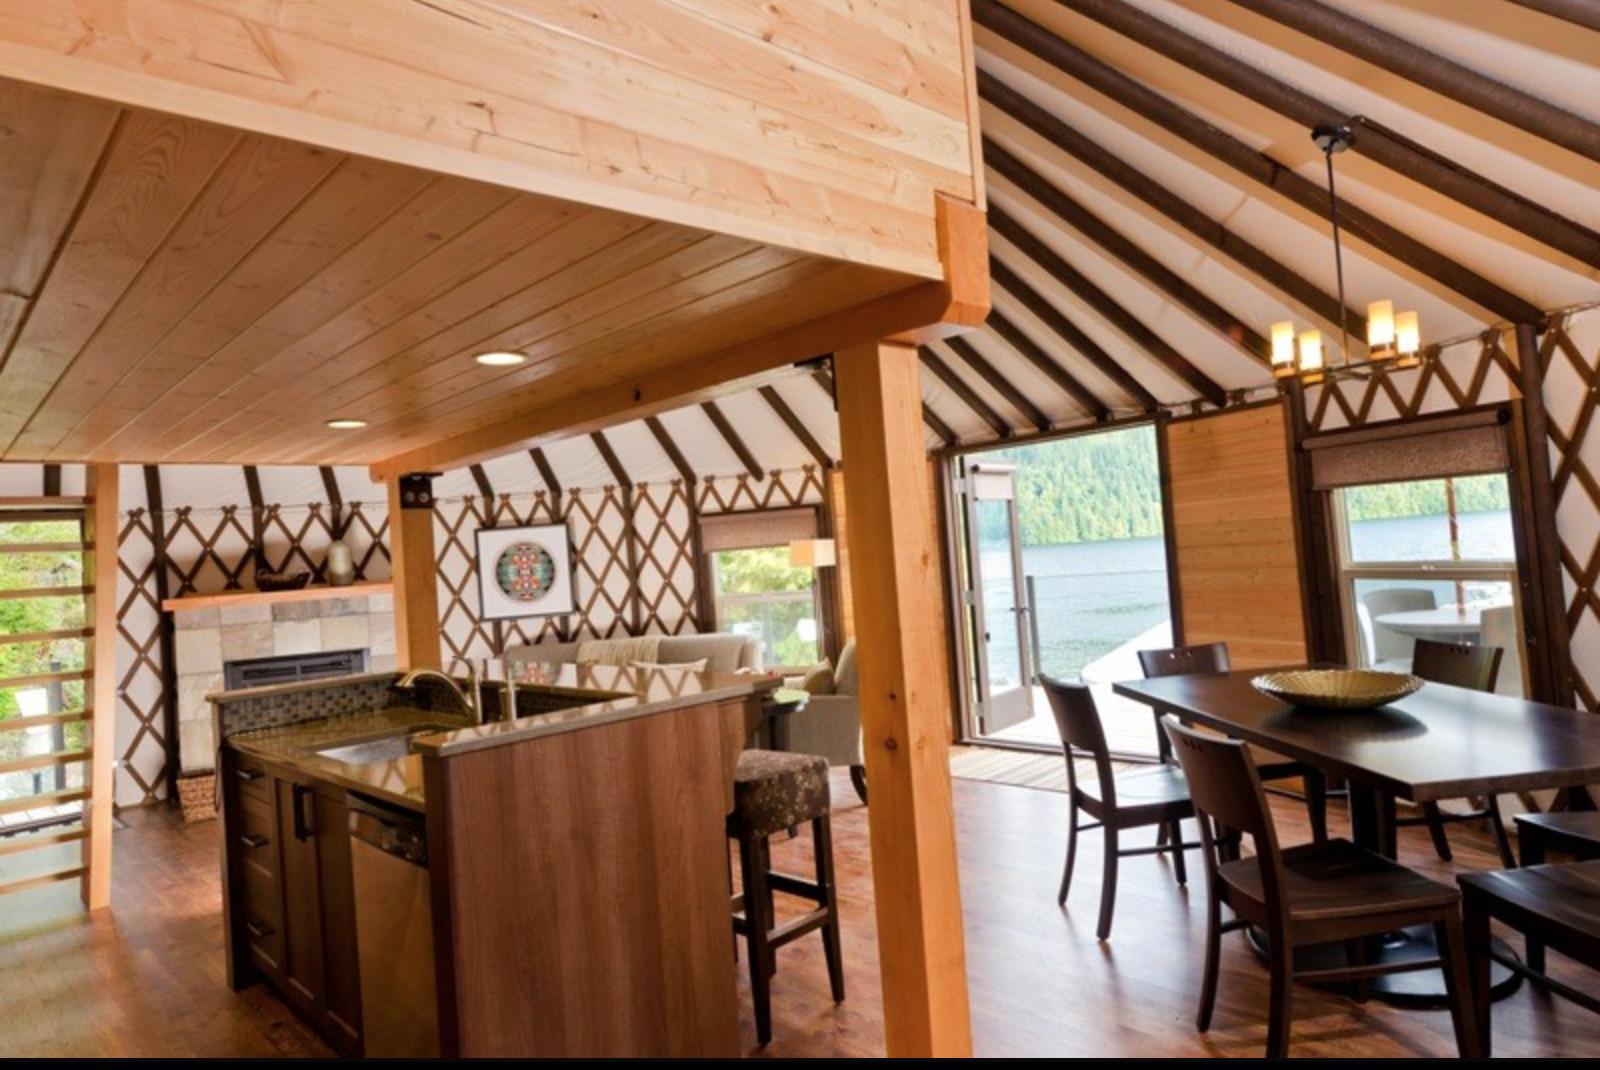 Yurt design with loft & kitchen   Yurt interior, Yurt home ...